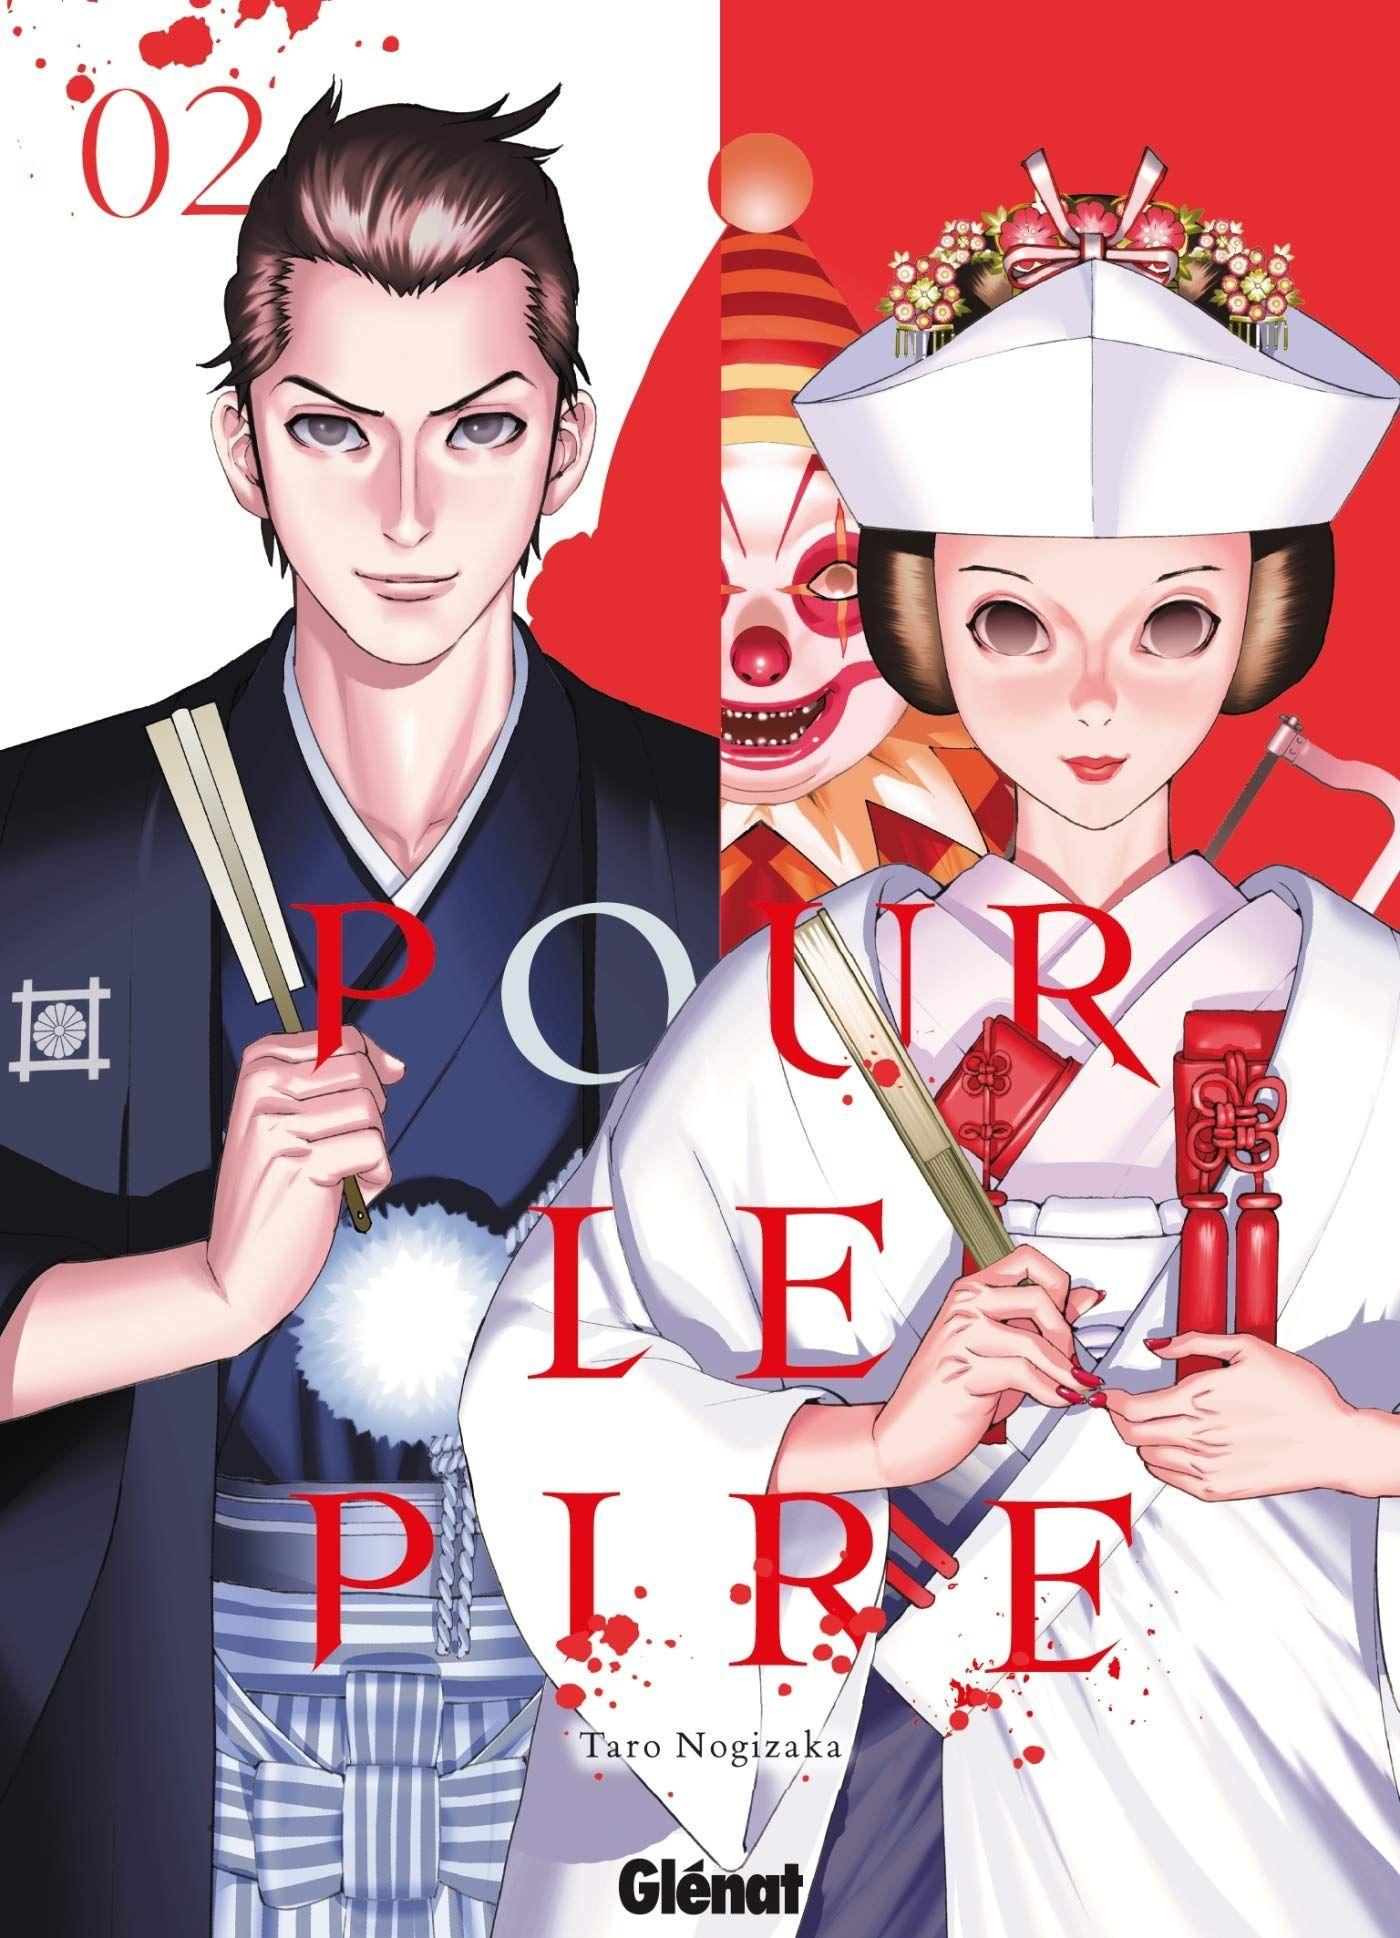 Sortie Manga au Québec JUIN 2021 Pour-lepire-2-glenat